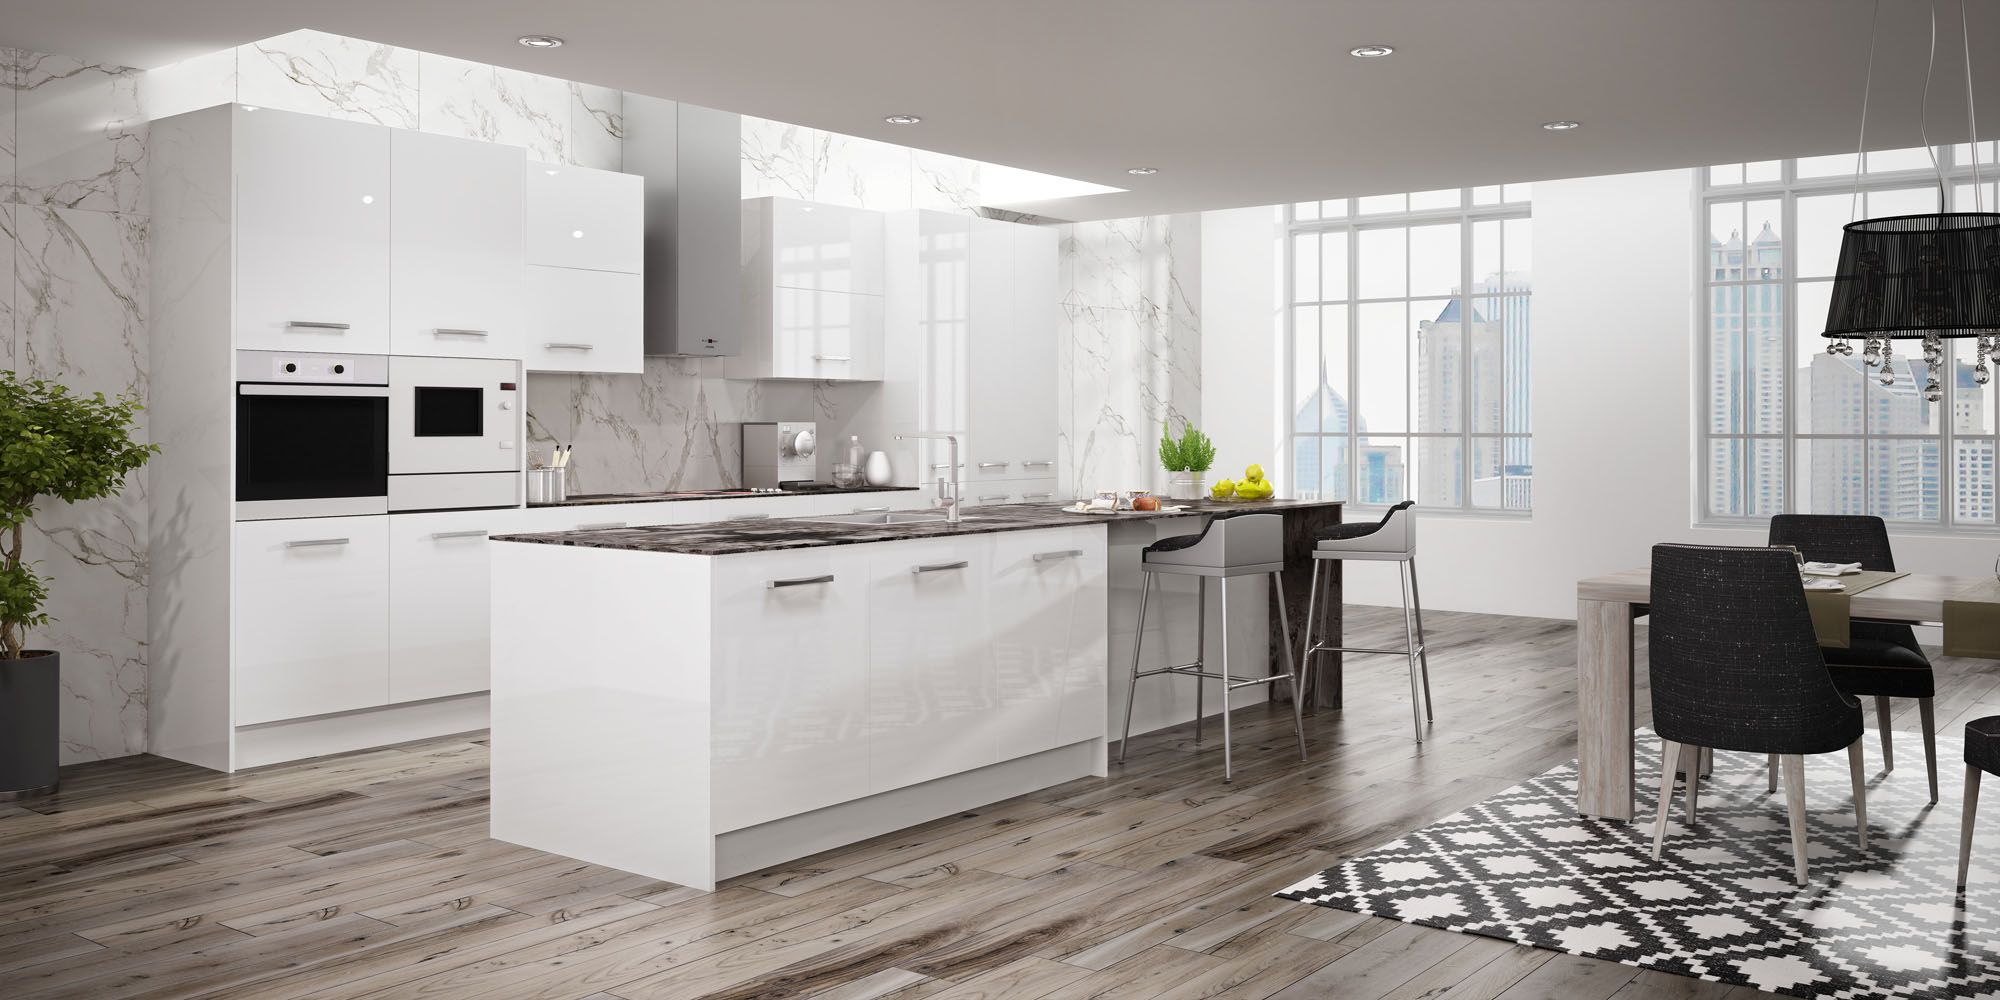 Cocinas modernas blancas con isla cocinas faro by alvic for Islas para cocinas modernas